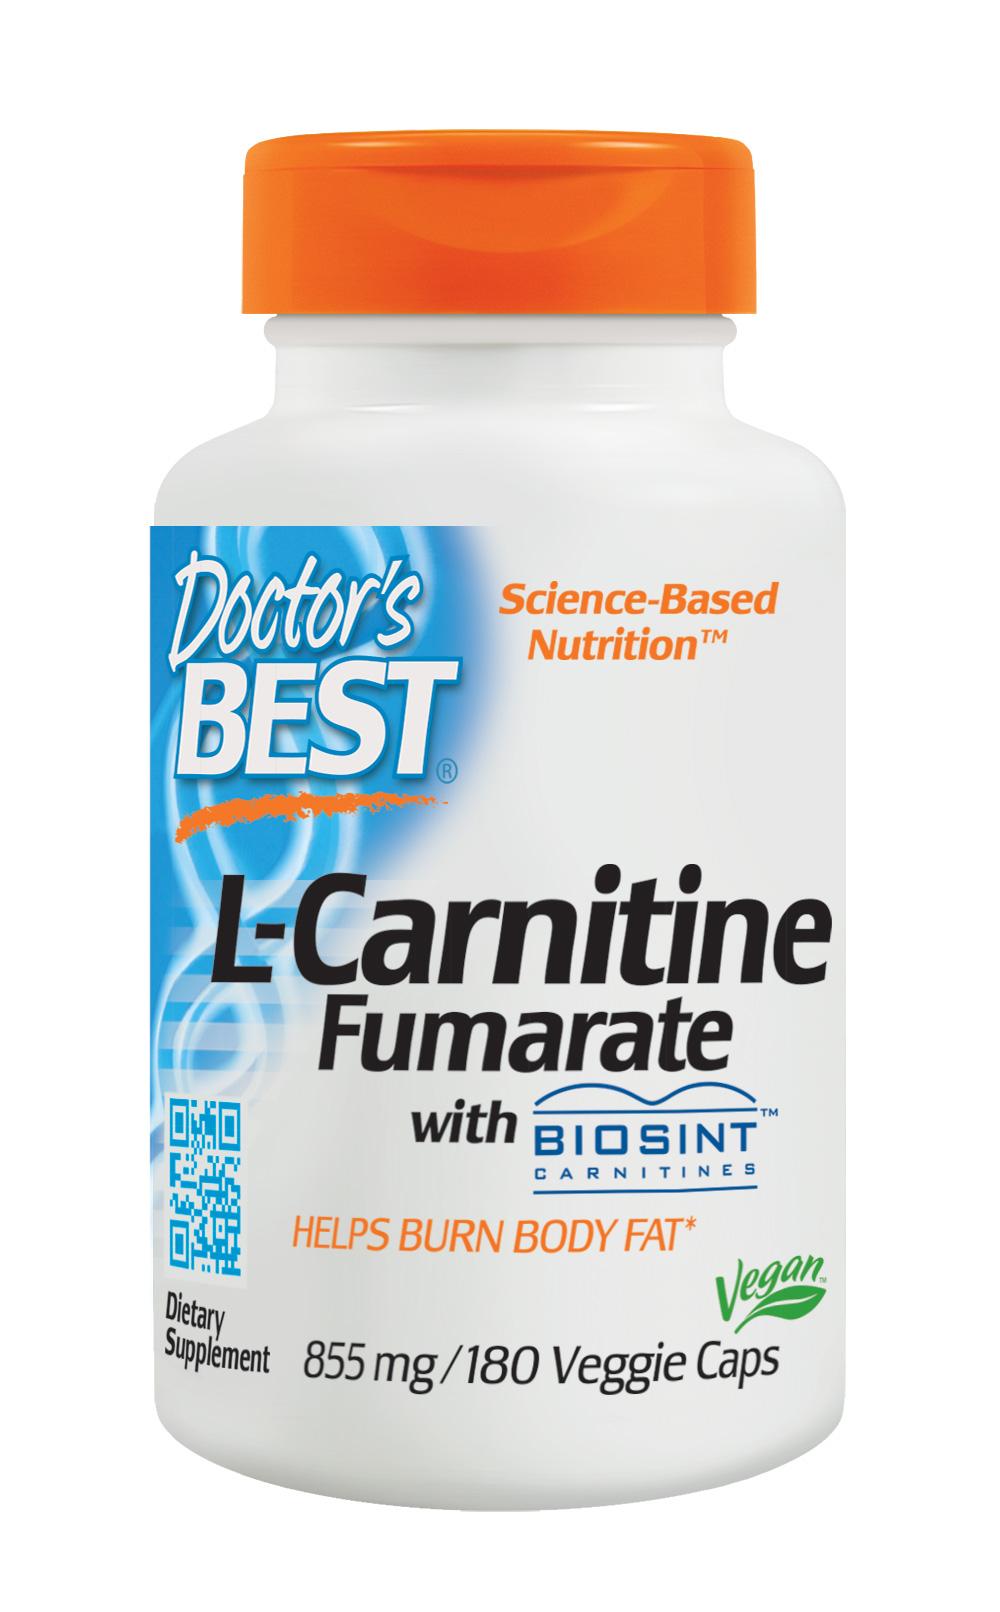 Doctor's Best L-카르니틴 855 mg 베지 캡, 180개입, 1개